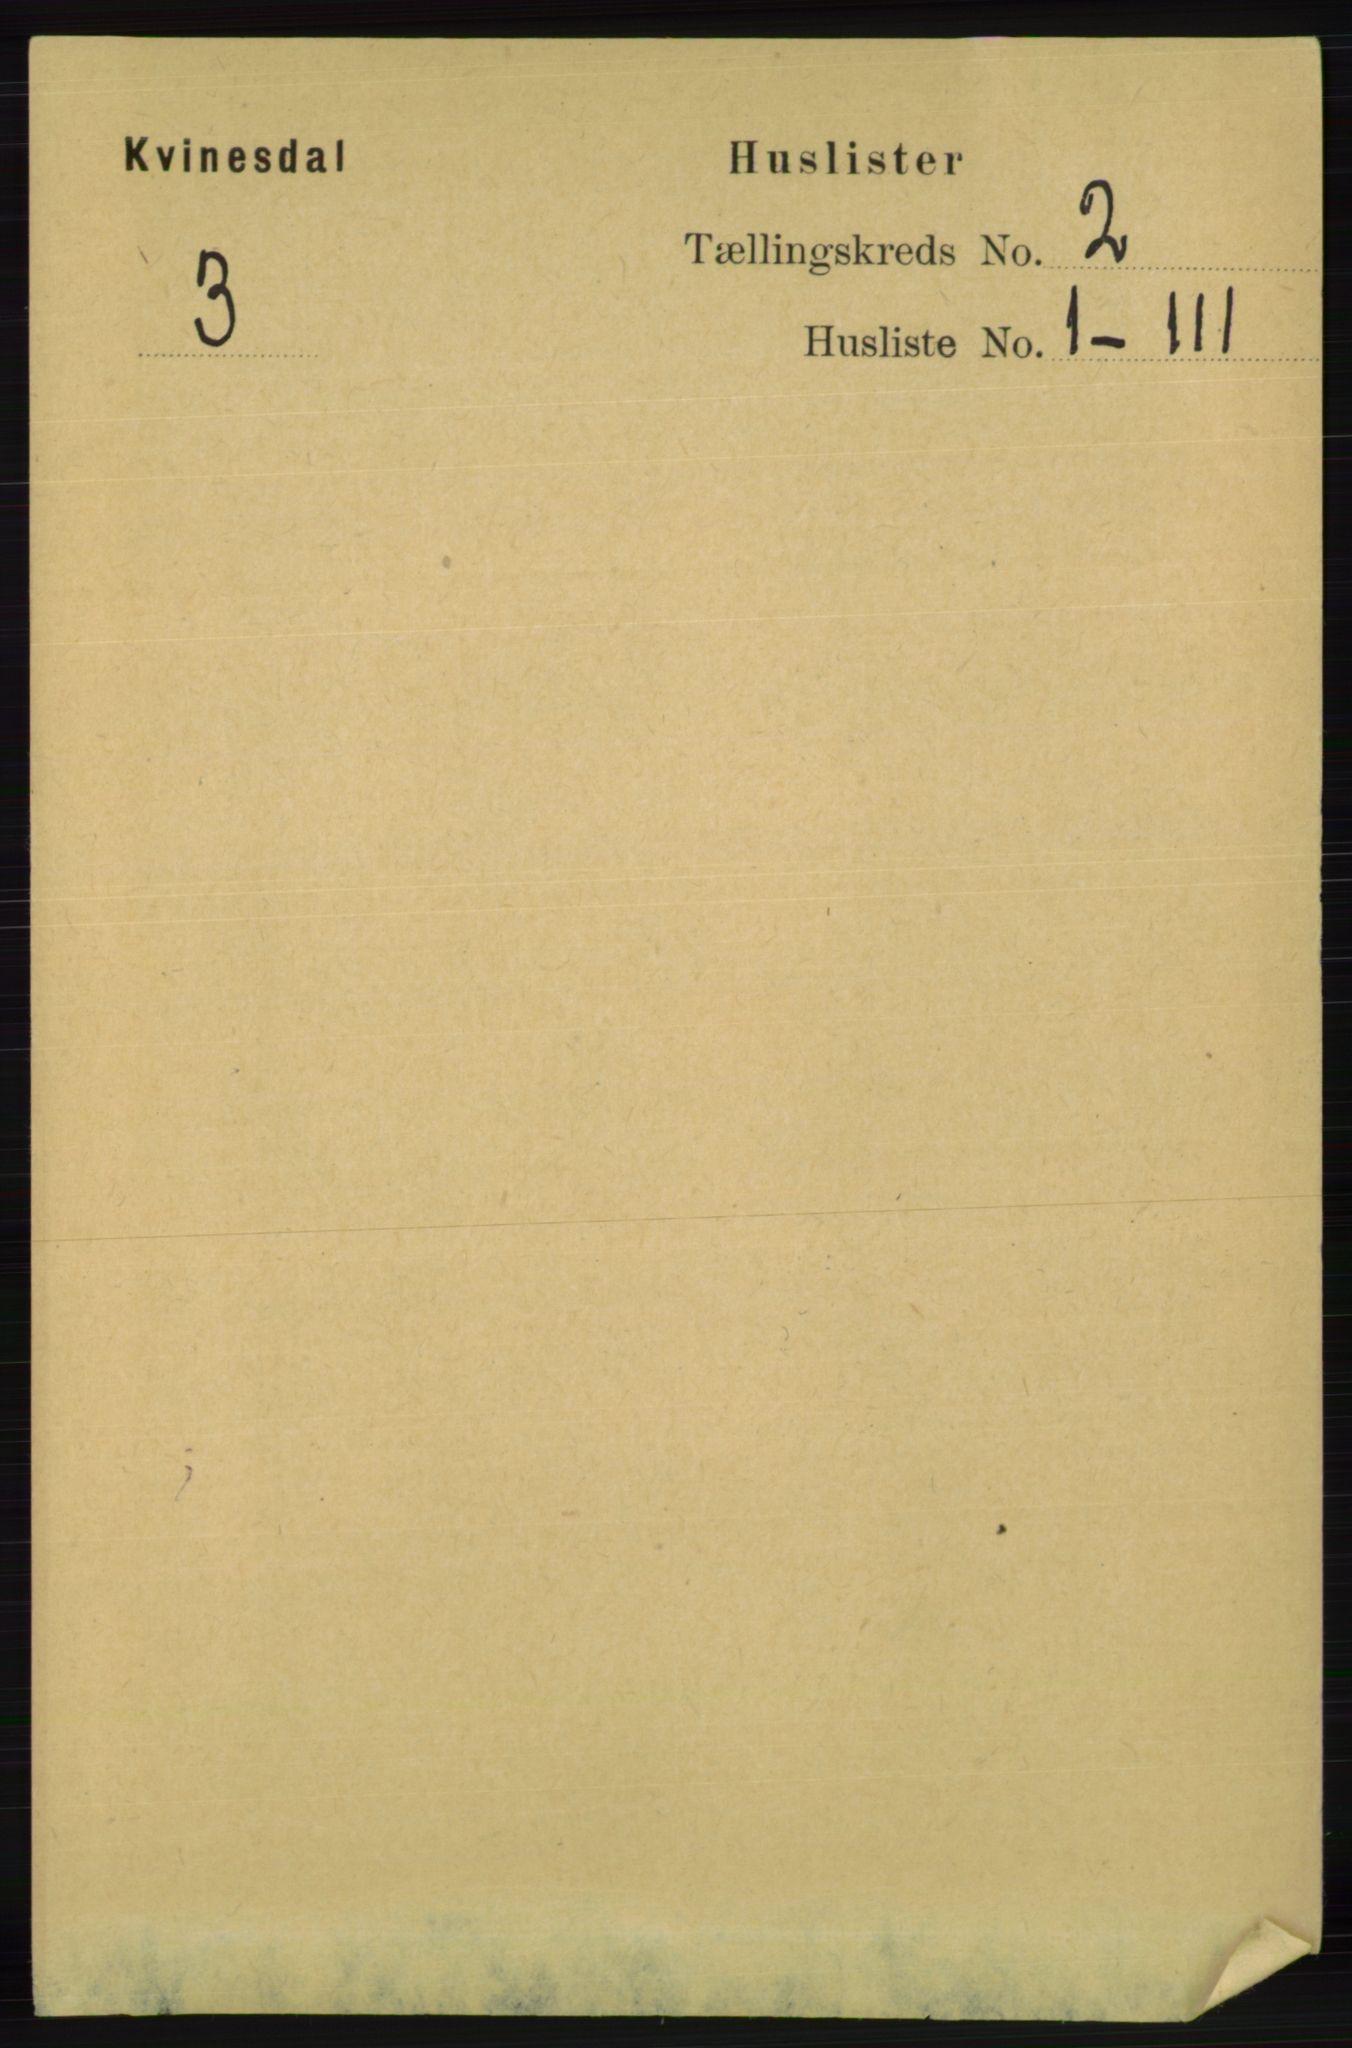 RA, Folketelling 1891 for 1037 Kvinesdal herred, 1891, s. 256